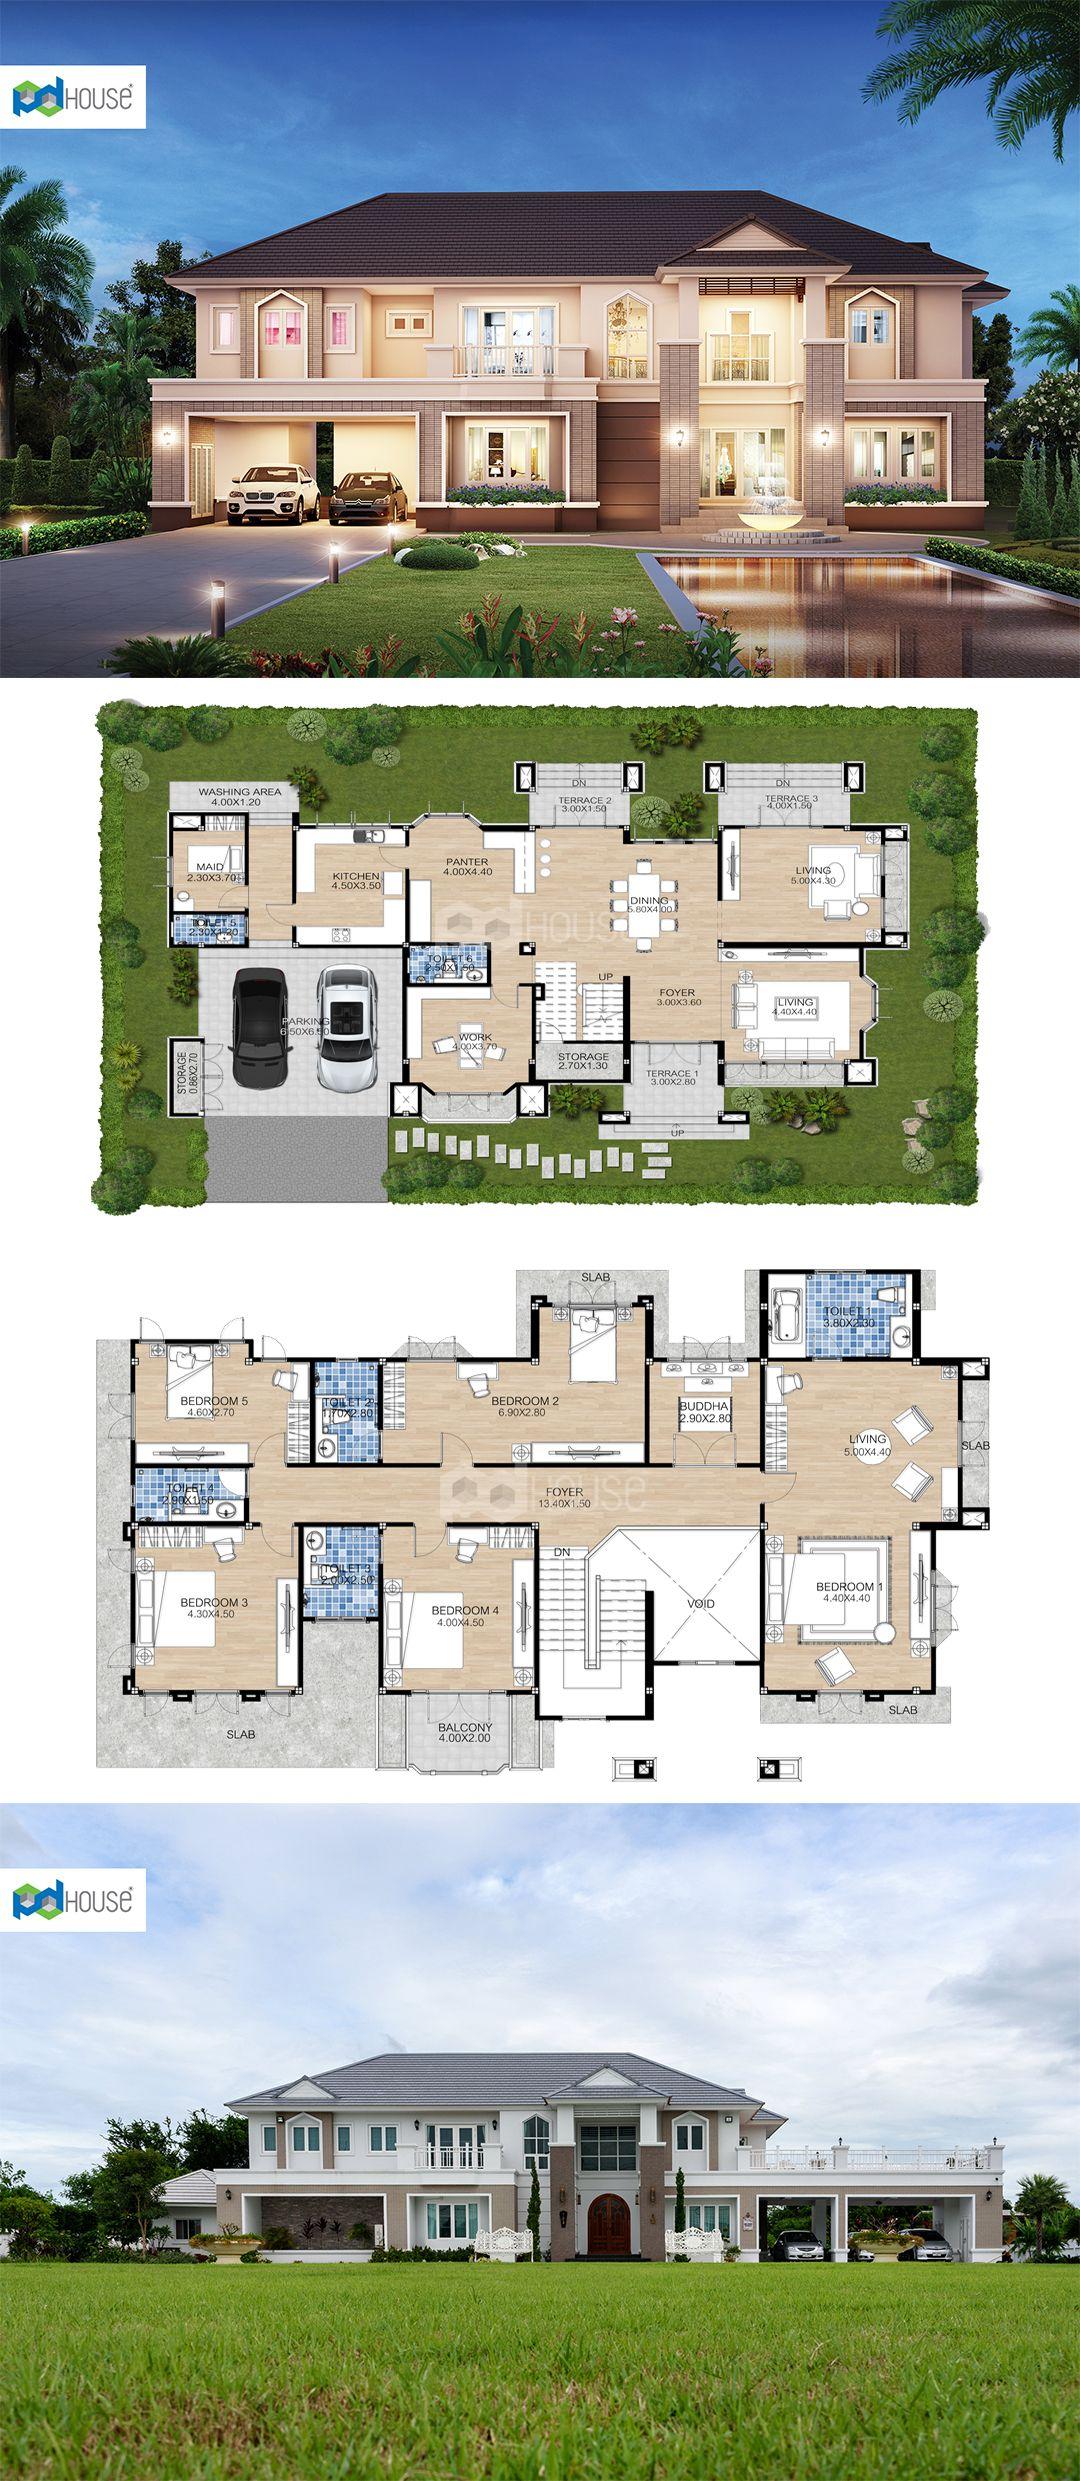 House plan ME 127